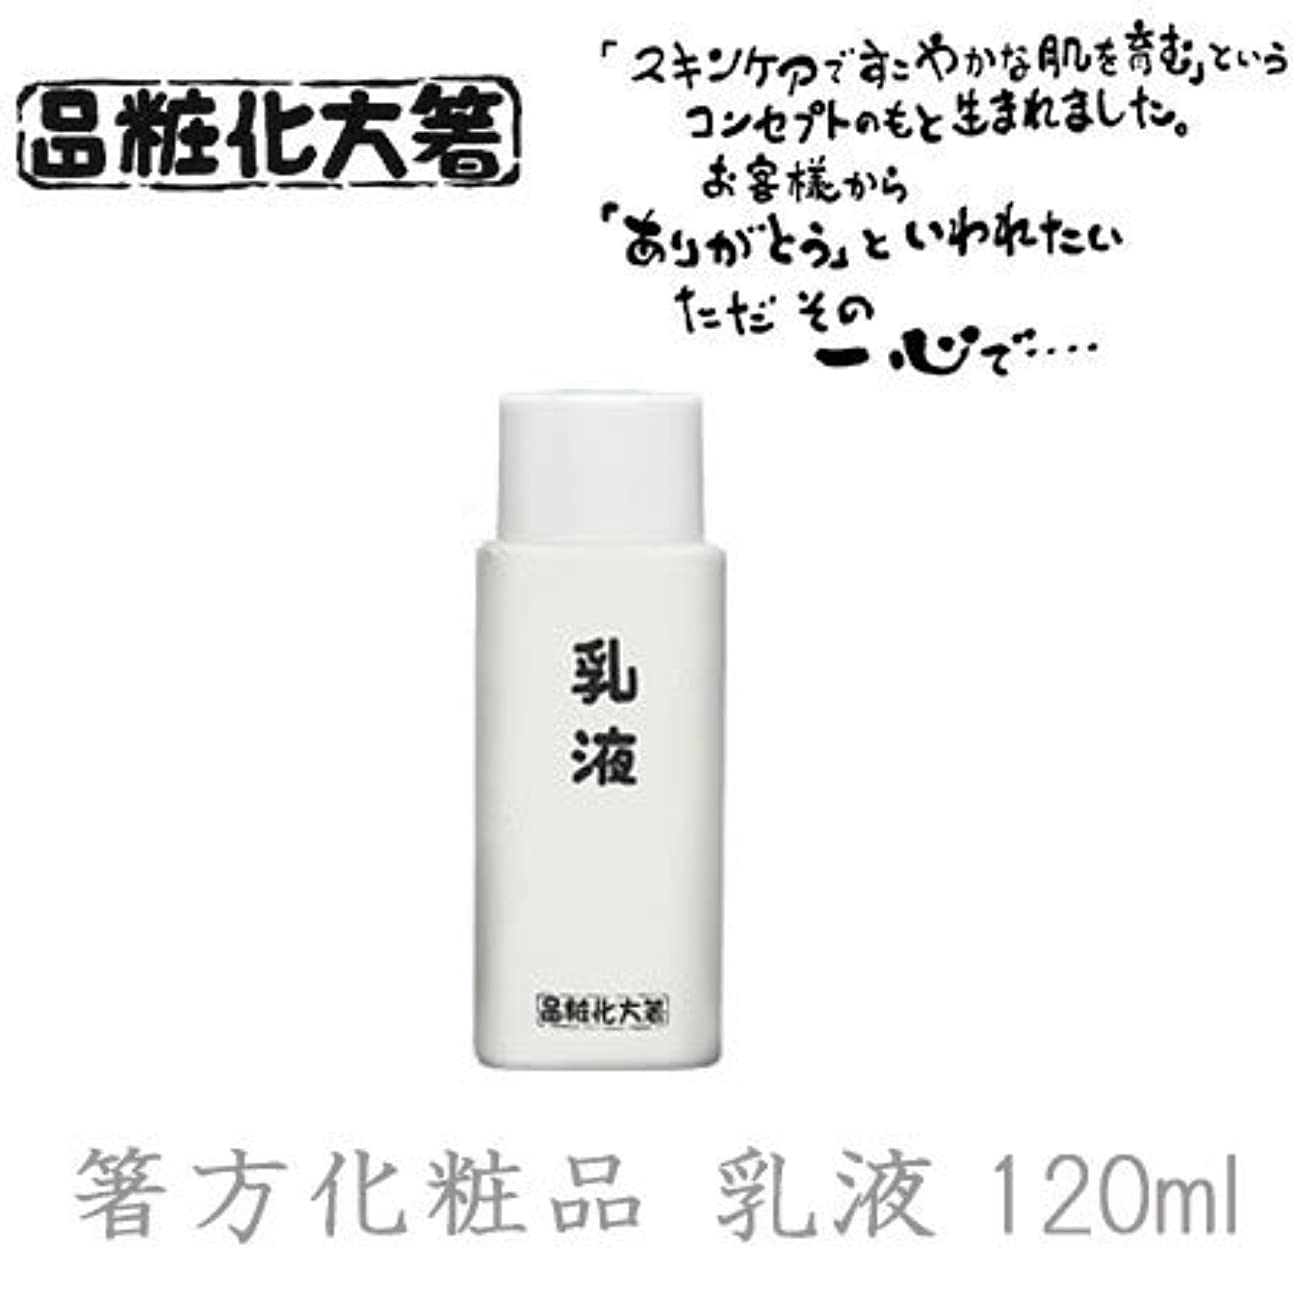 コンクリート隣接するファンド箸方化粧品 乳液 120ml はしかた化粧品